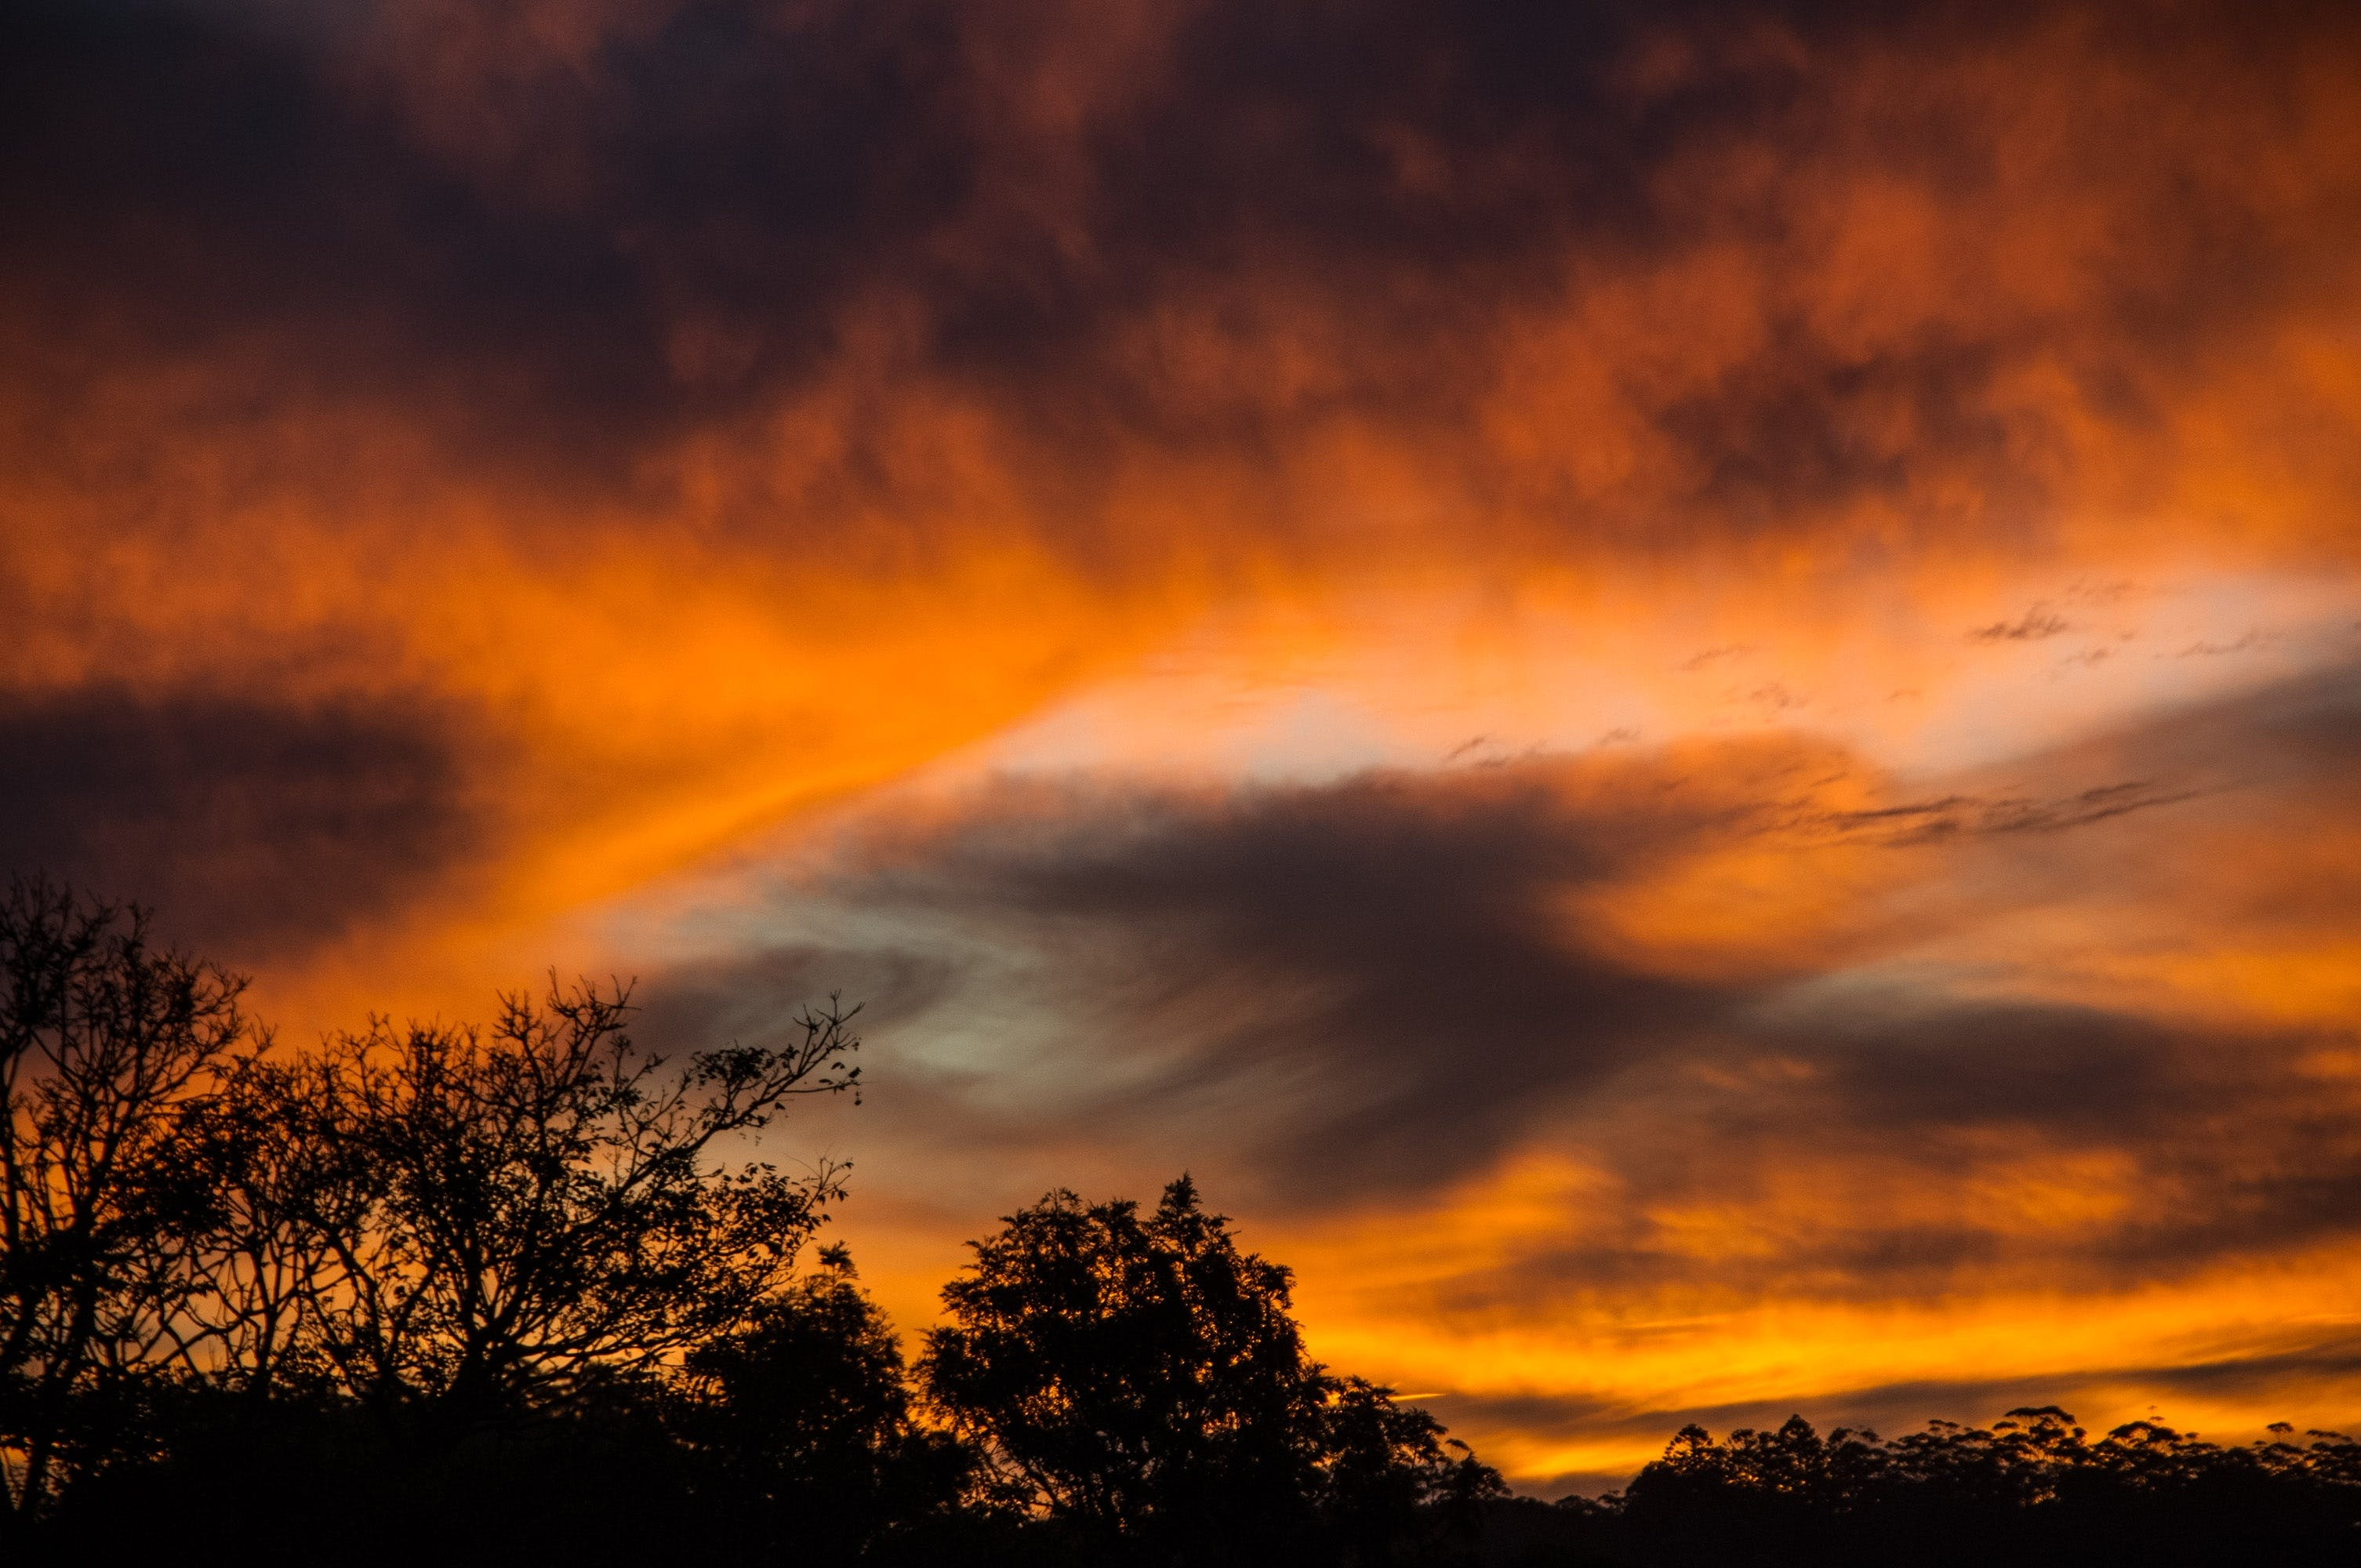 Orange Black and White Sunset View